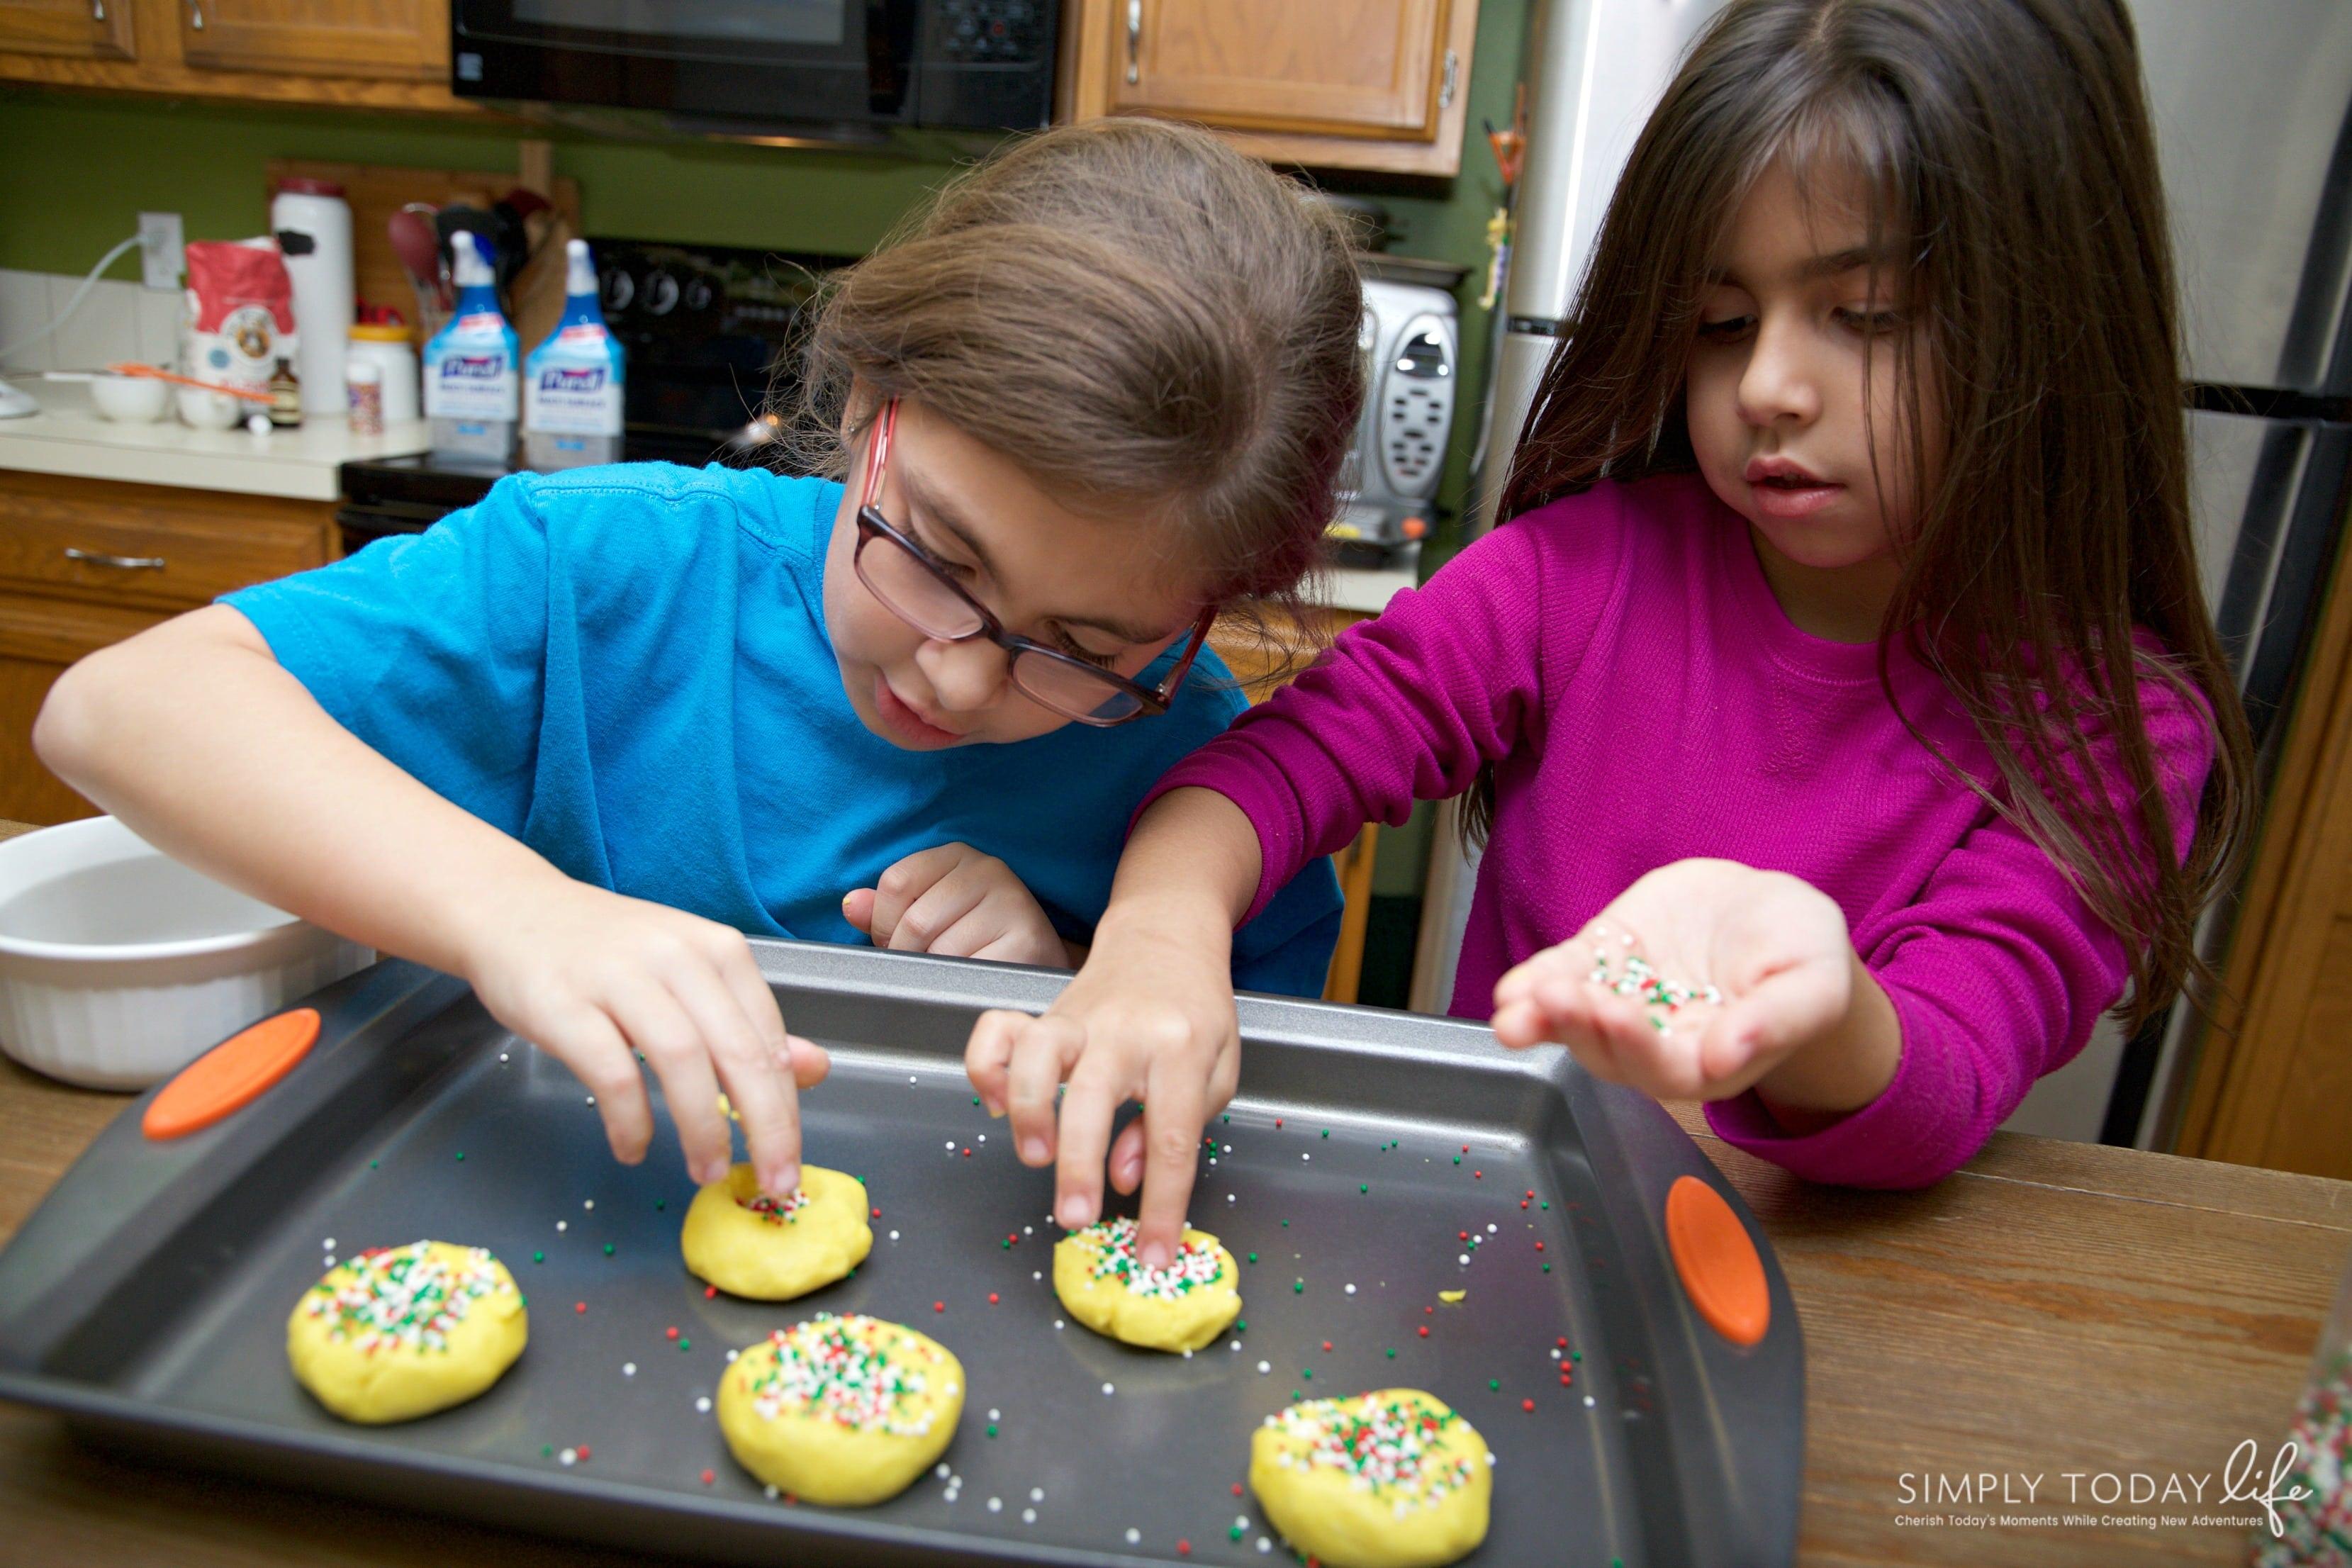 Mantecaditos Puerto Rican Cookie Recipe Perfect for Santa - Easy Santa Cookie Recipes